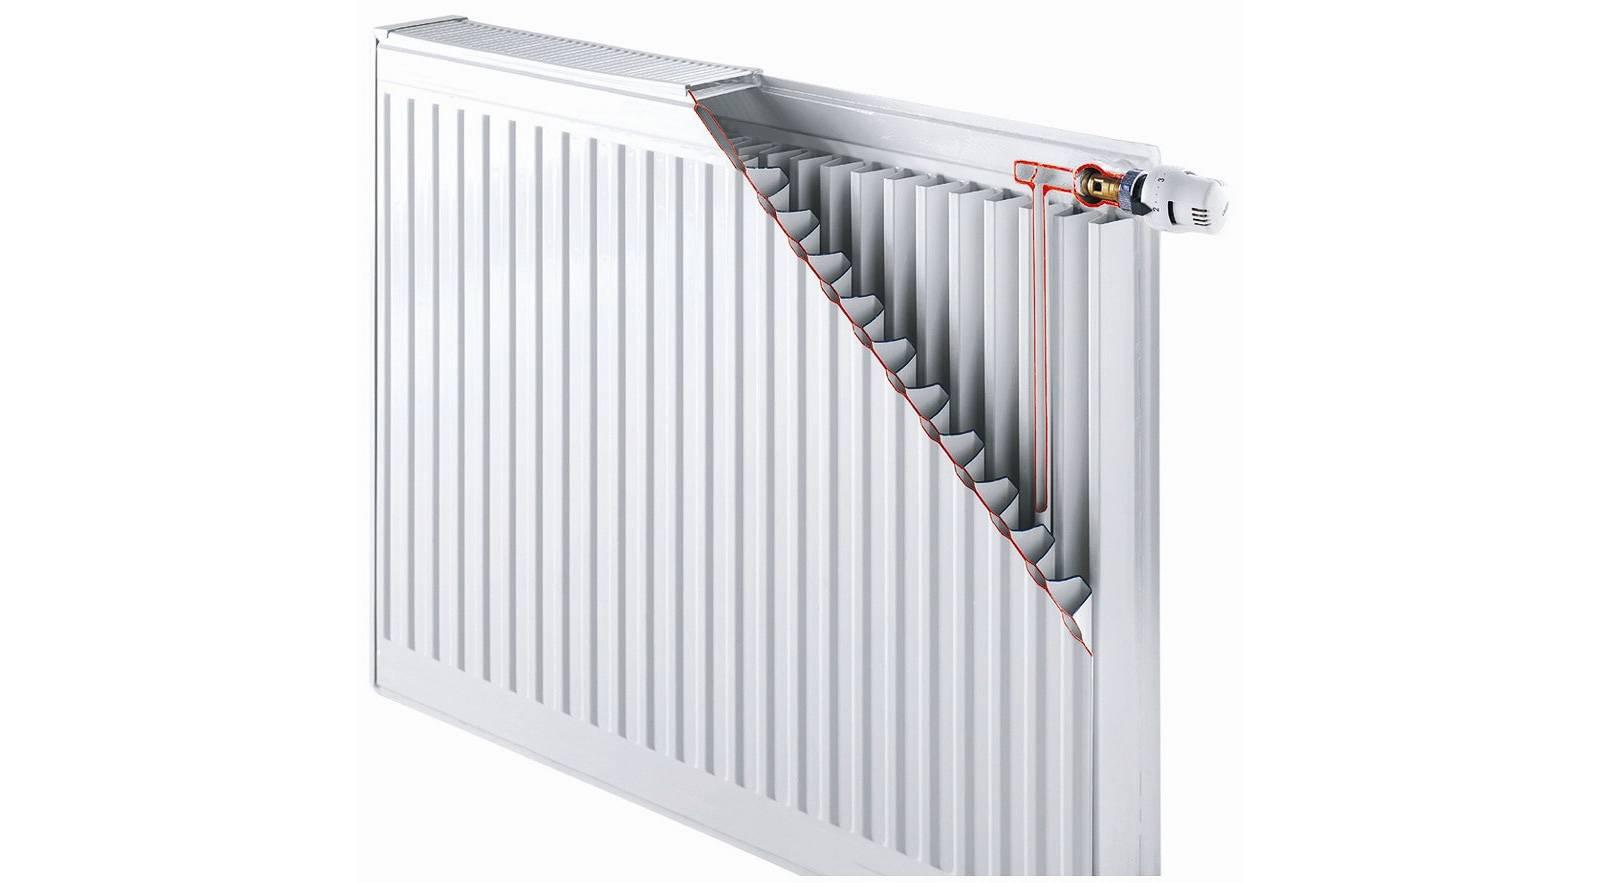 Радиатор отопления для частной квартиры: устройство и принцип работы батареи, обзор основных видов